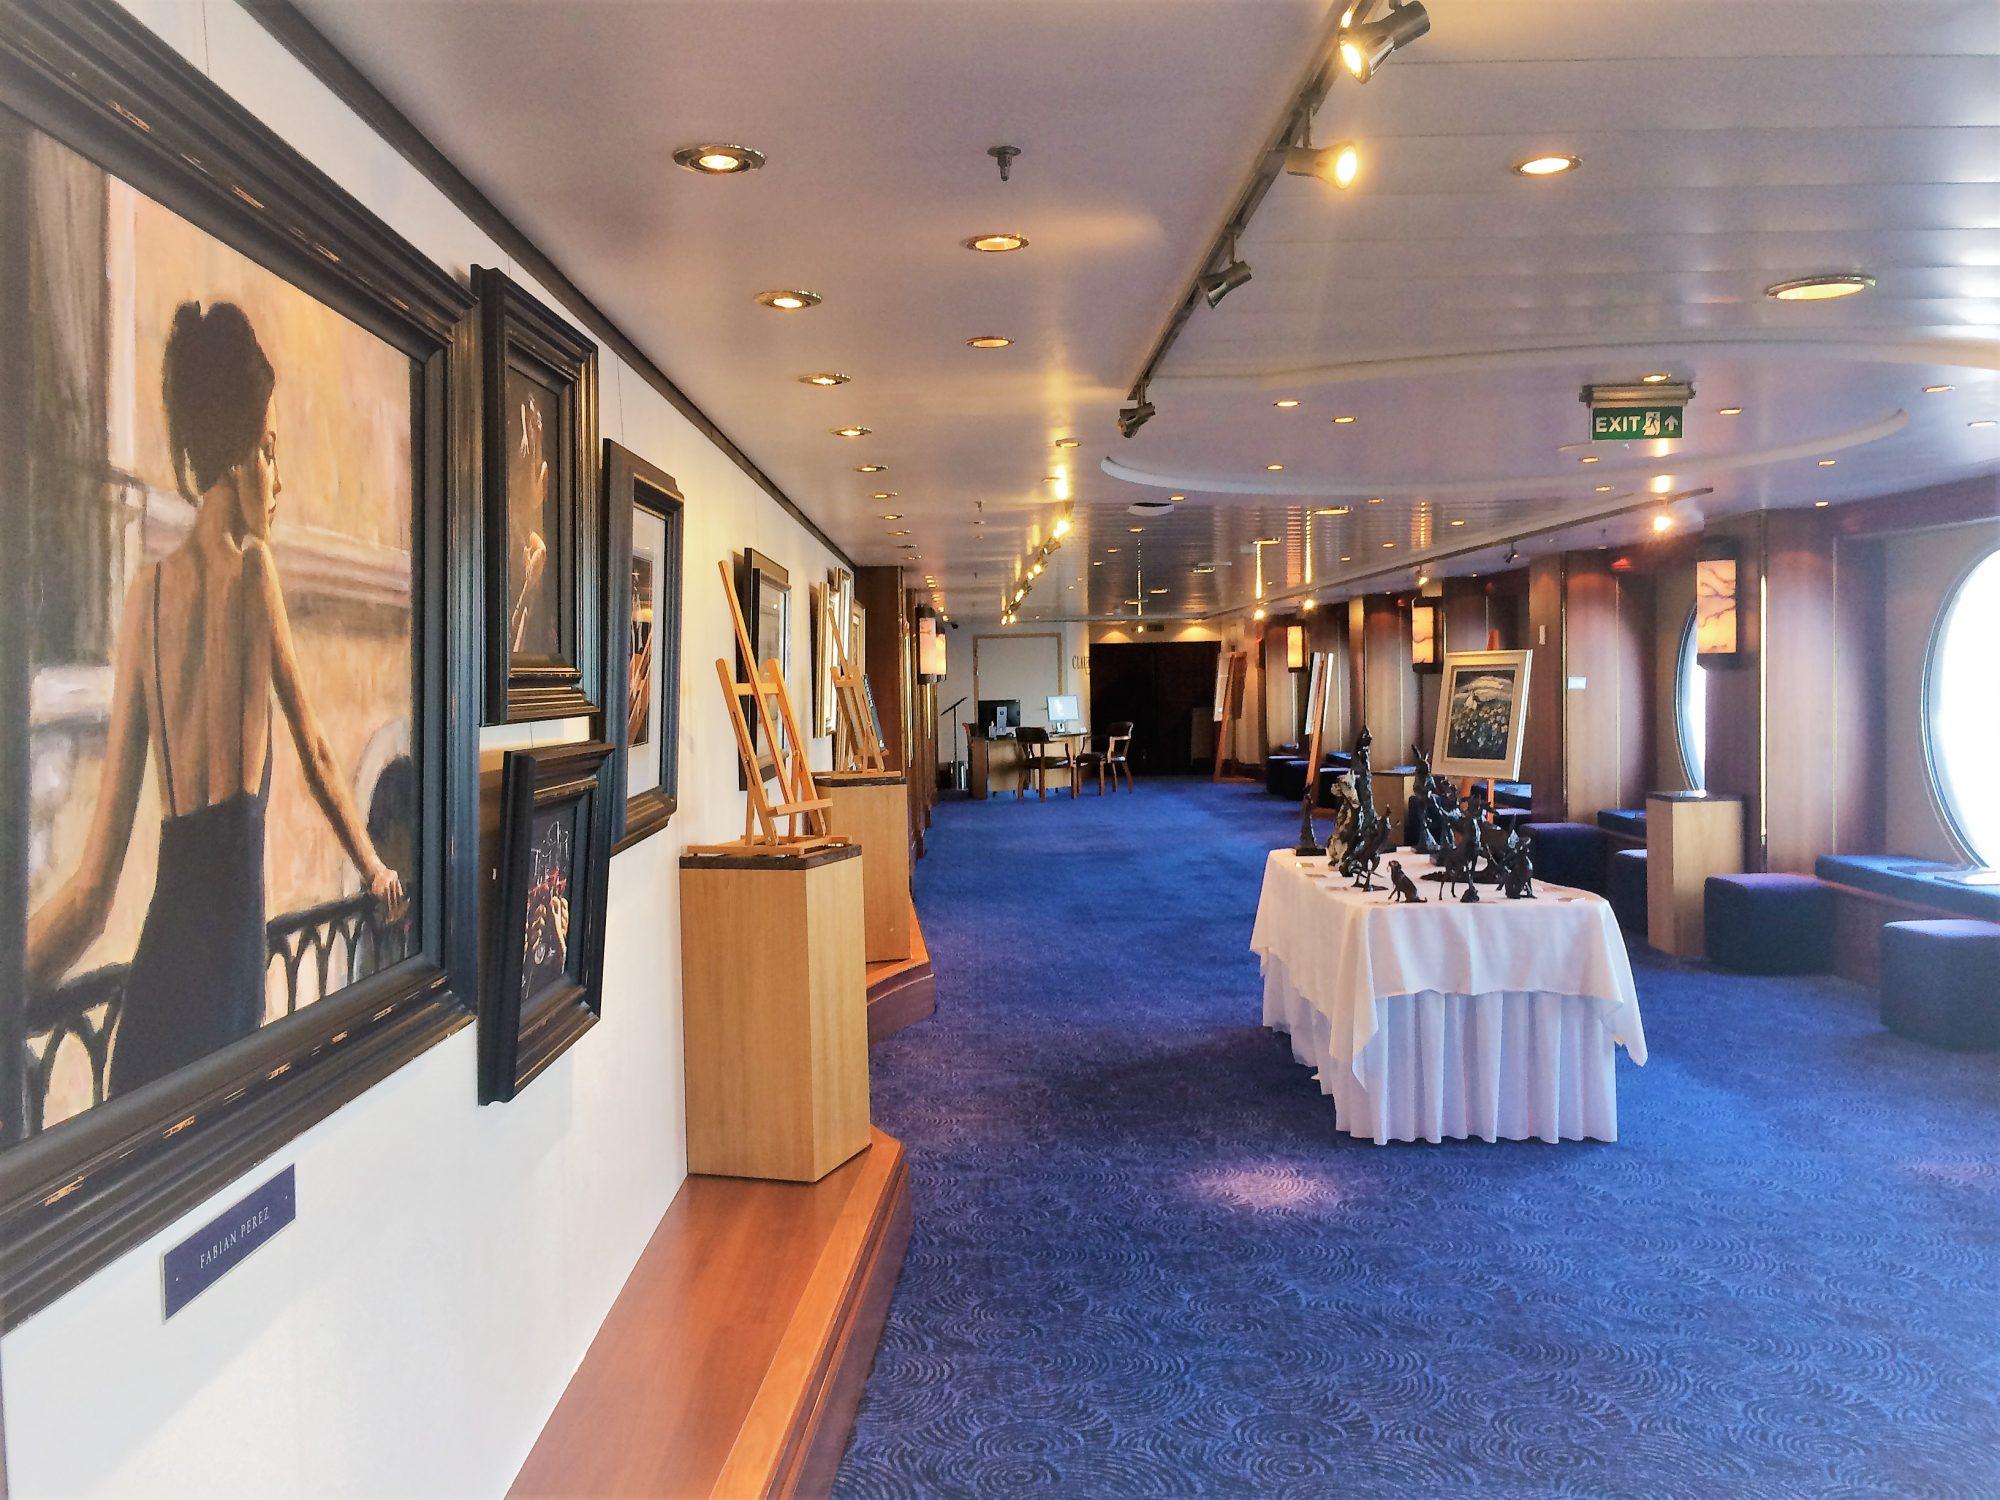 Queen Mary 2 art gallery